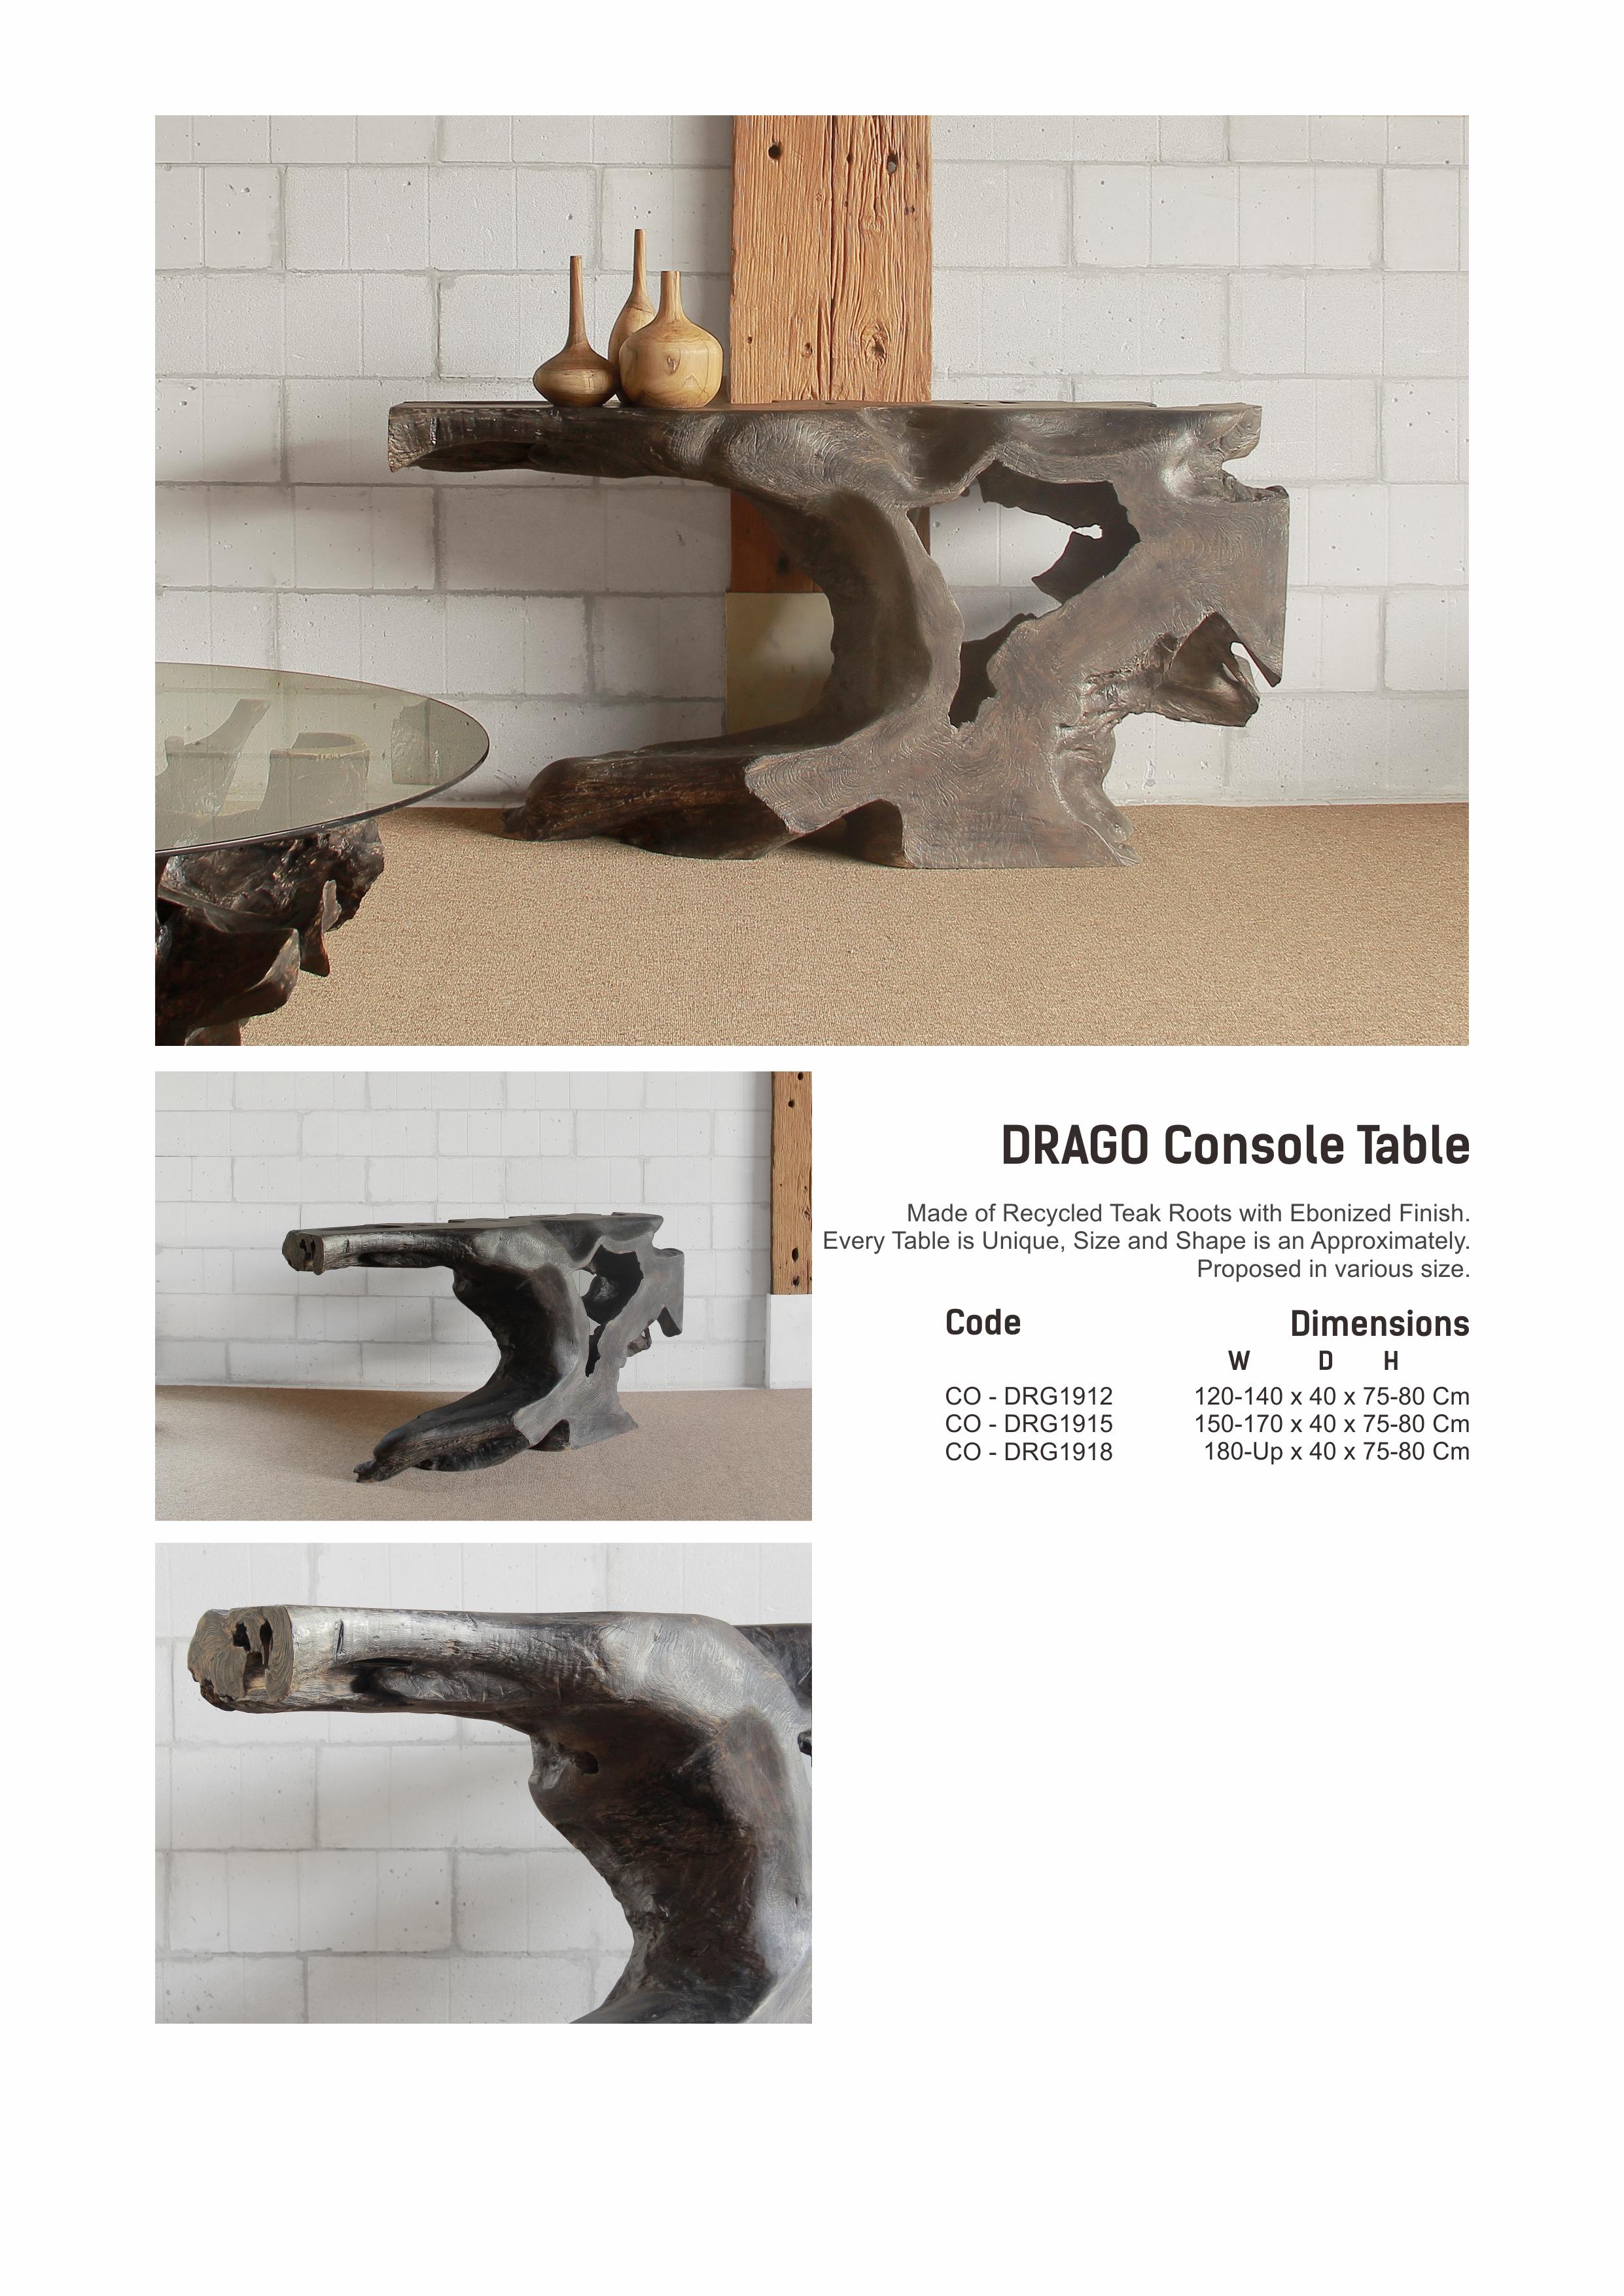 19. DRAGO Console Table